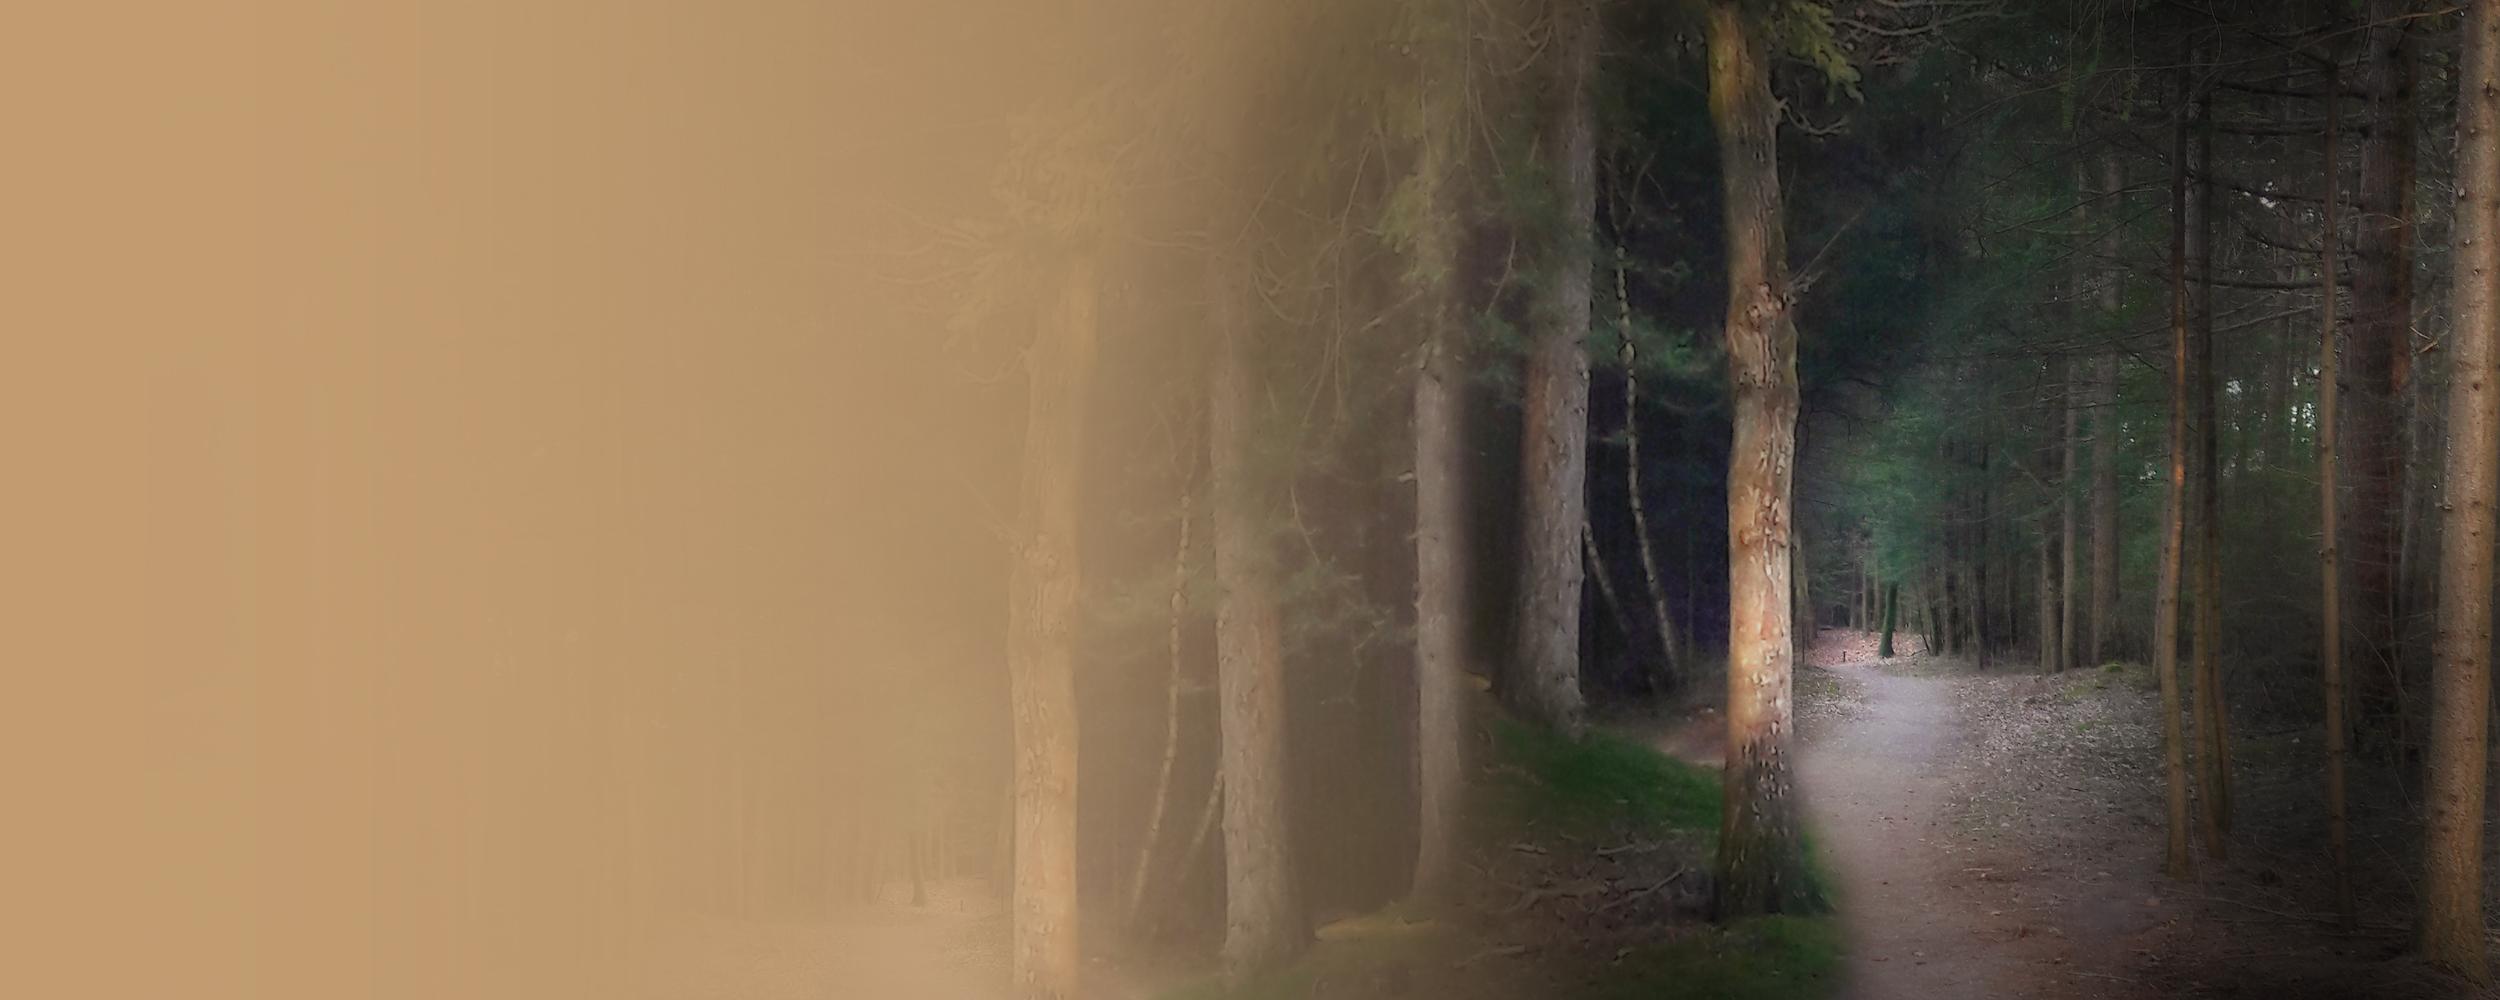 De geheimen van het sprookjesbos